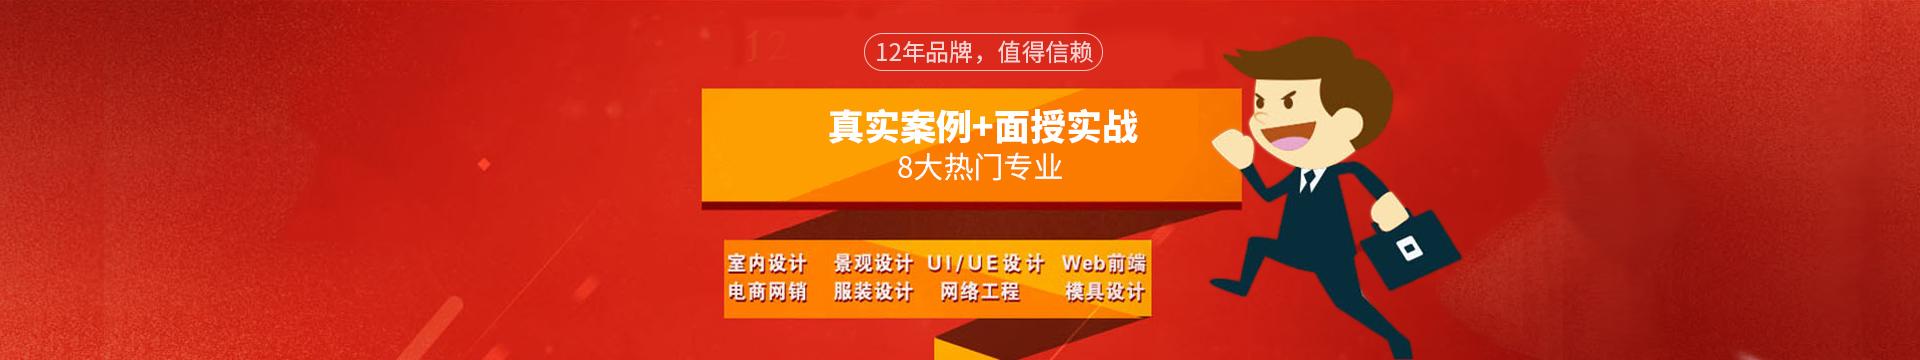 上海培训学校